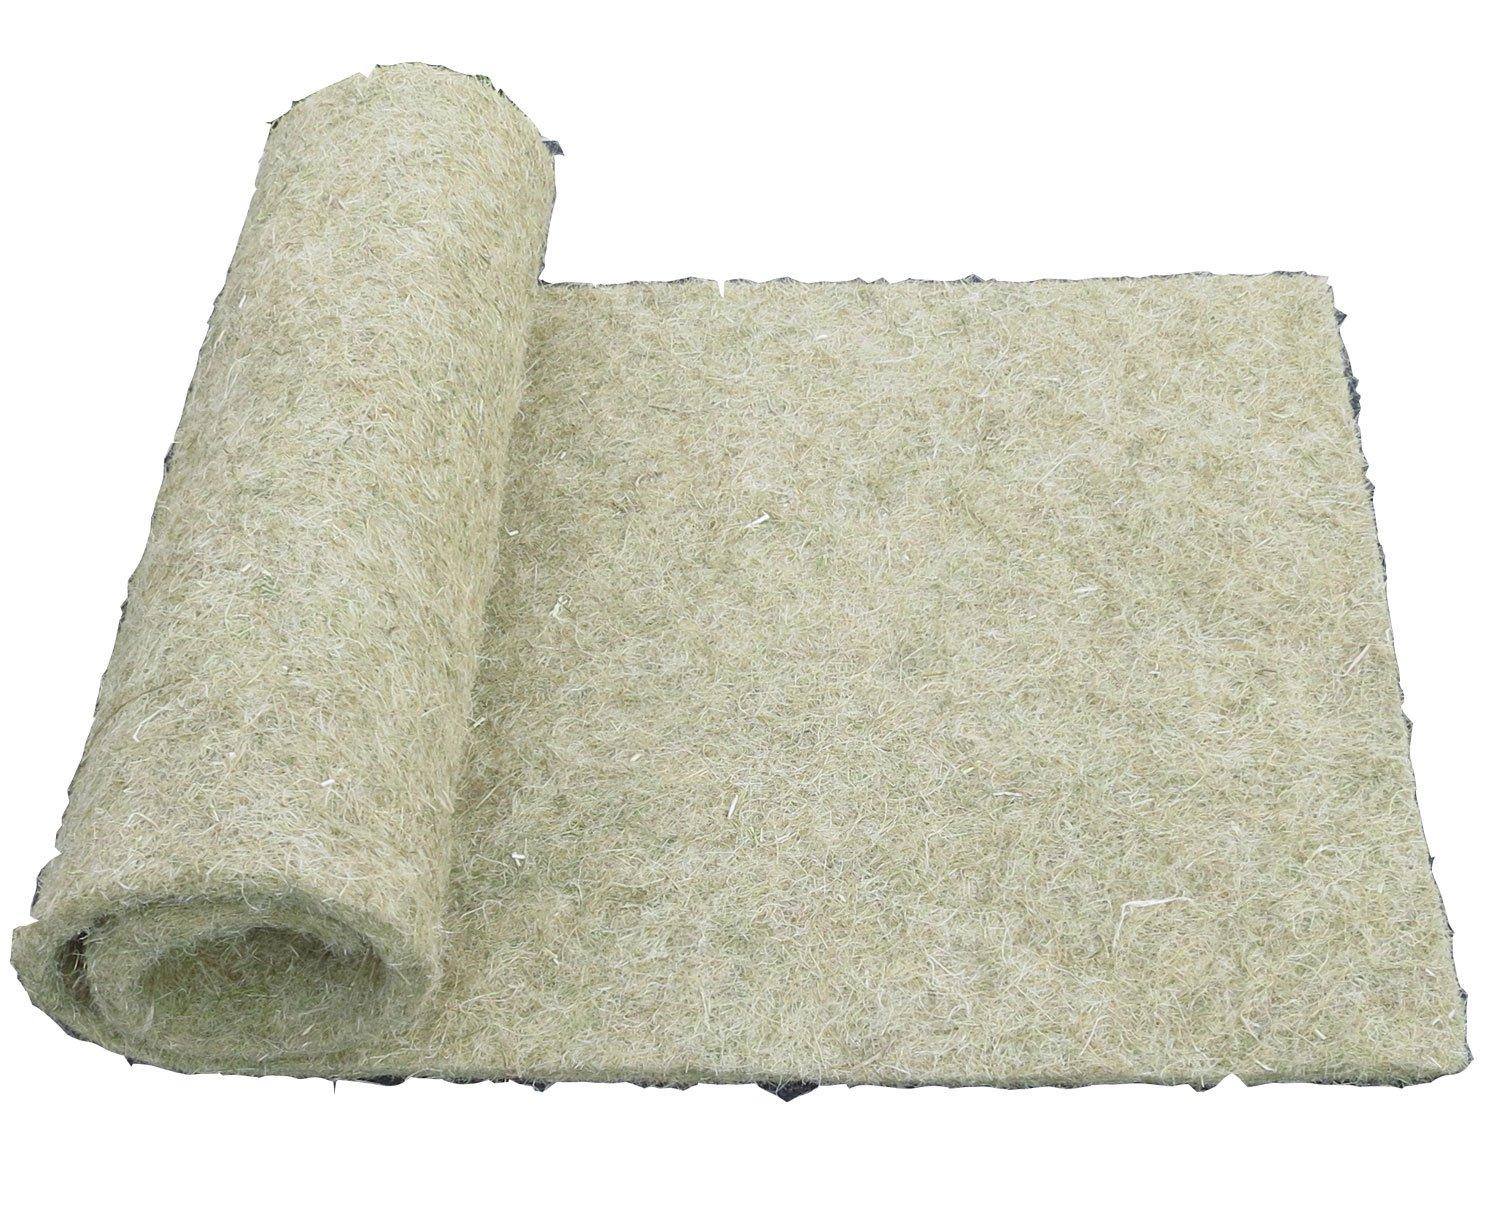 Alfombra para roedores hecha de 100% de cáñamo, 100 x 40 cm 10 mm de espesor, alfombra para roedores adecuada como revestimiento de piso en jaula, p. para conejos, conejillos de Indias, hamsters, ratas, degus y otros roedores. pemmiproducts